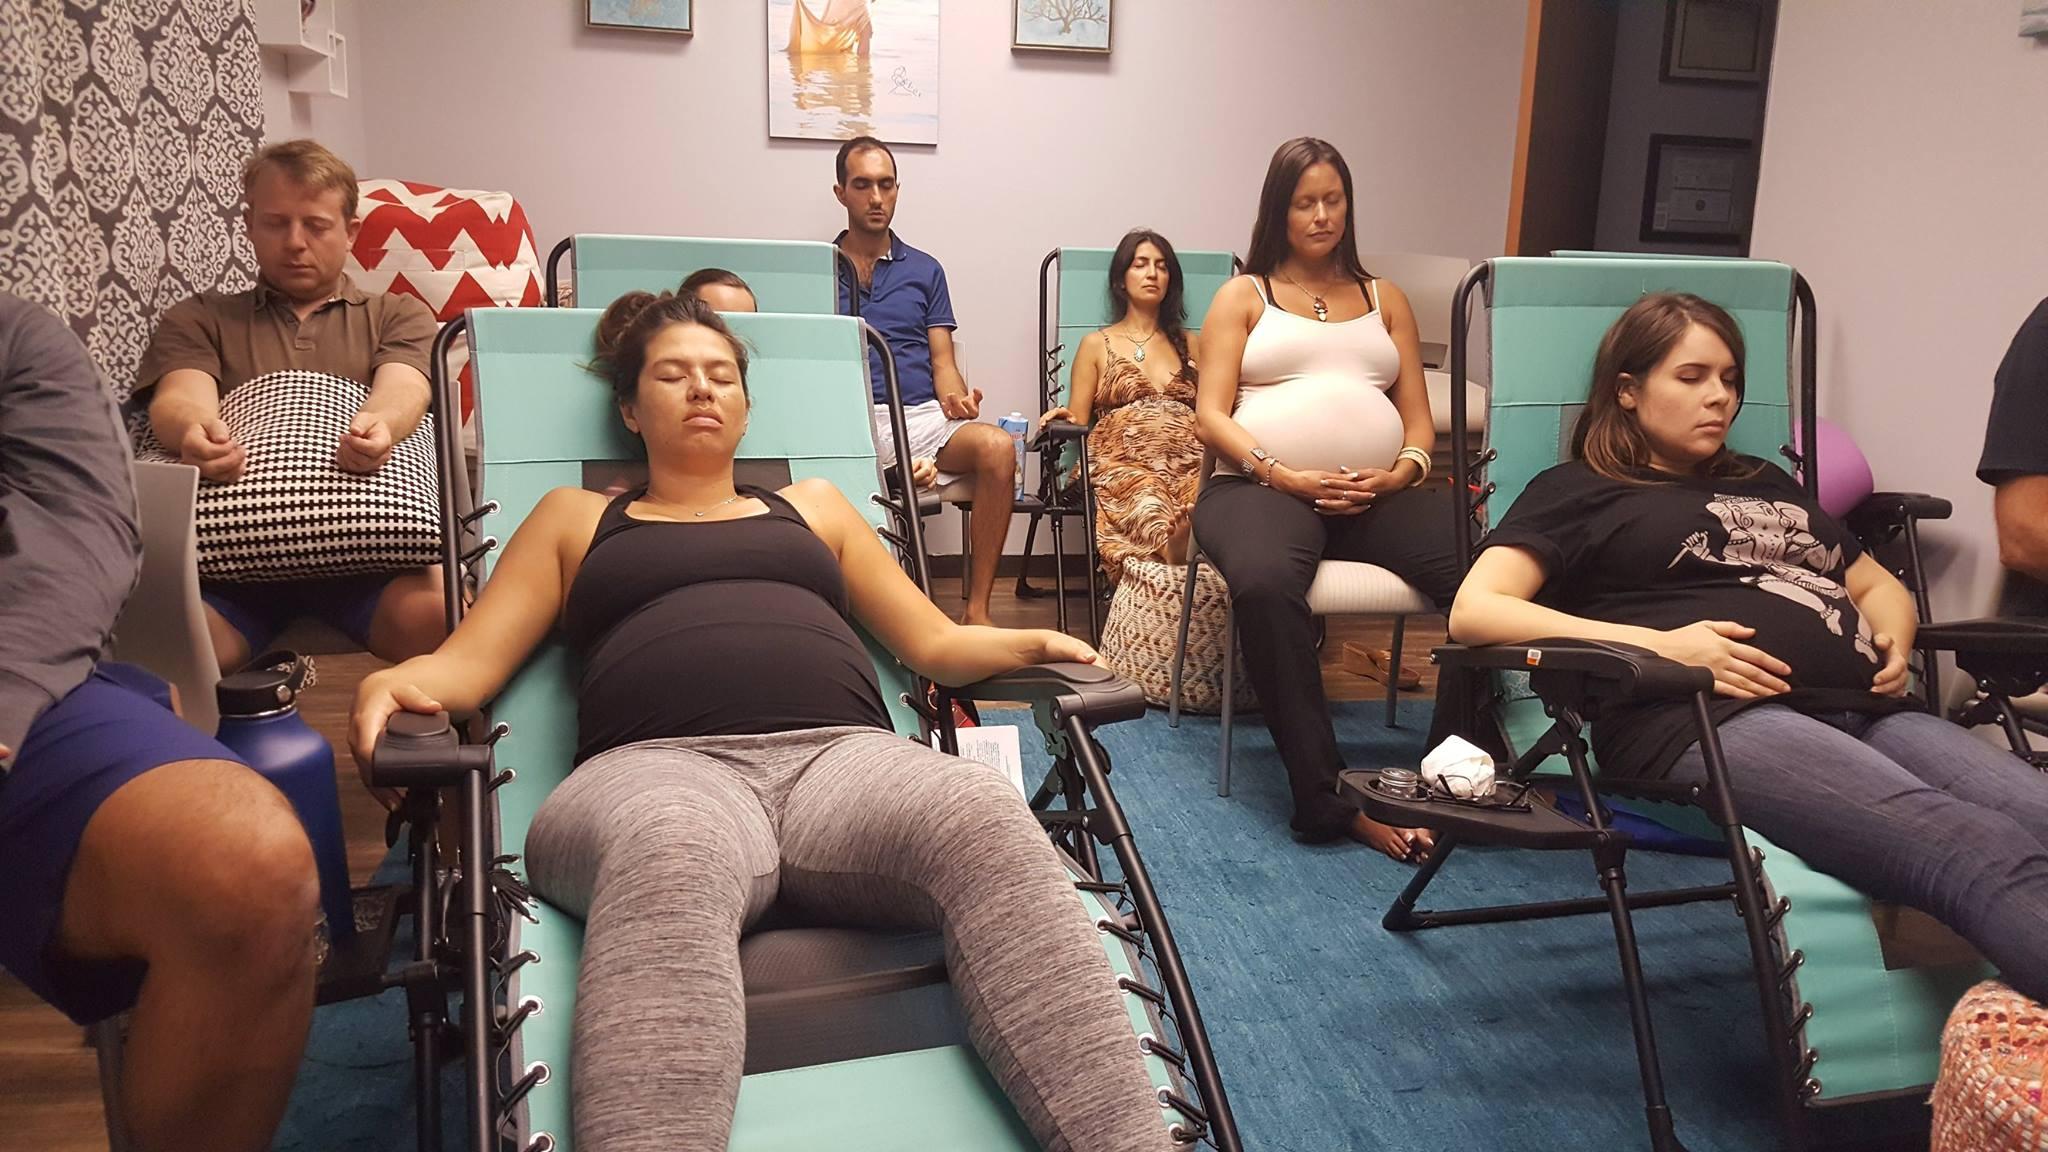 Курсы для беременных действительно повышают шансы на благополучные роды